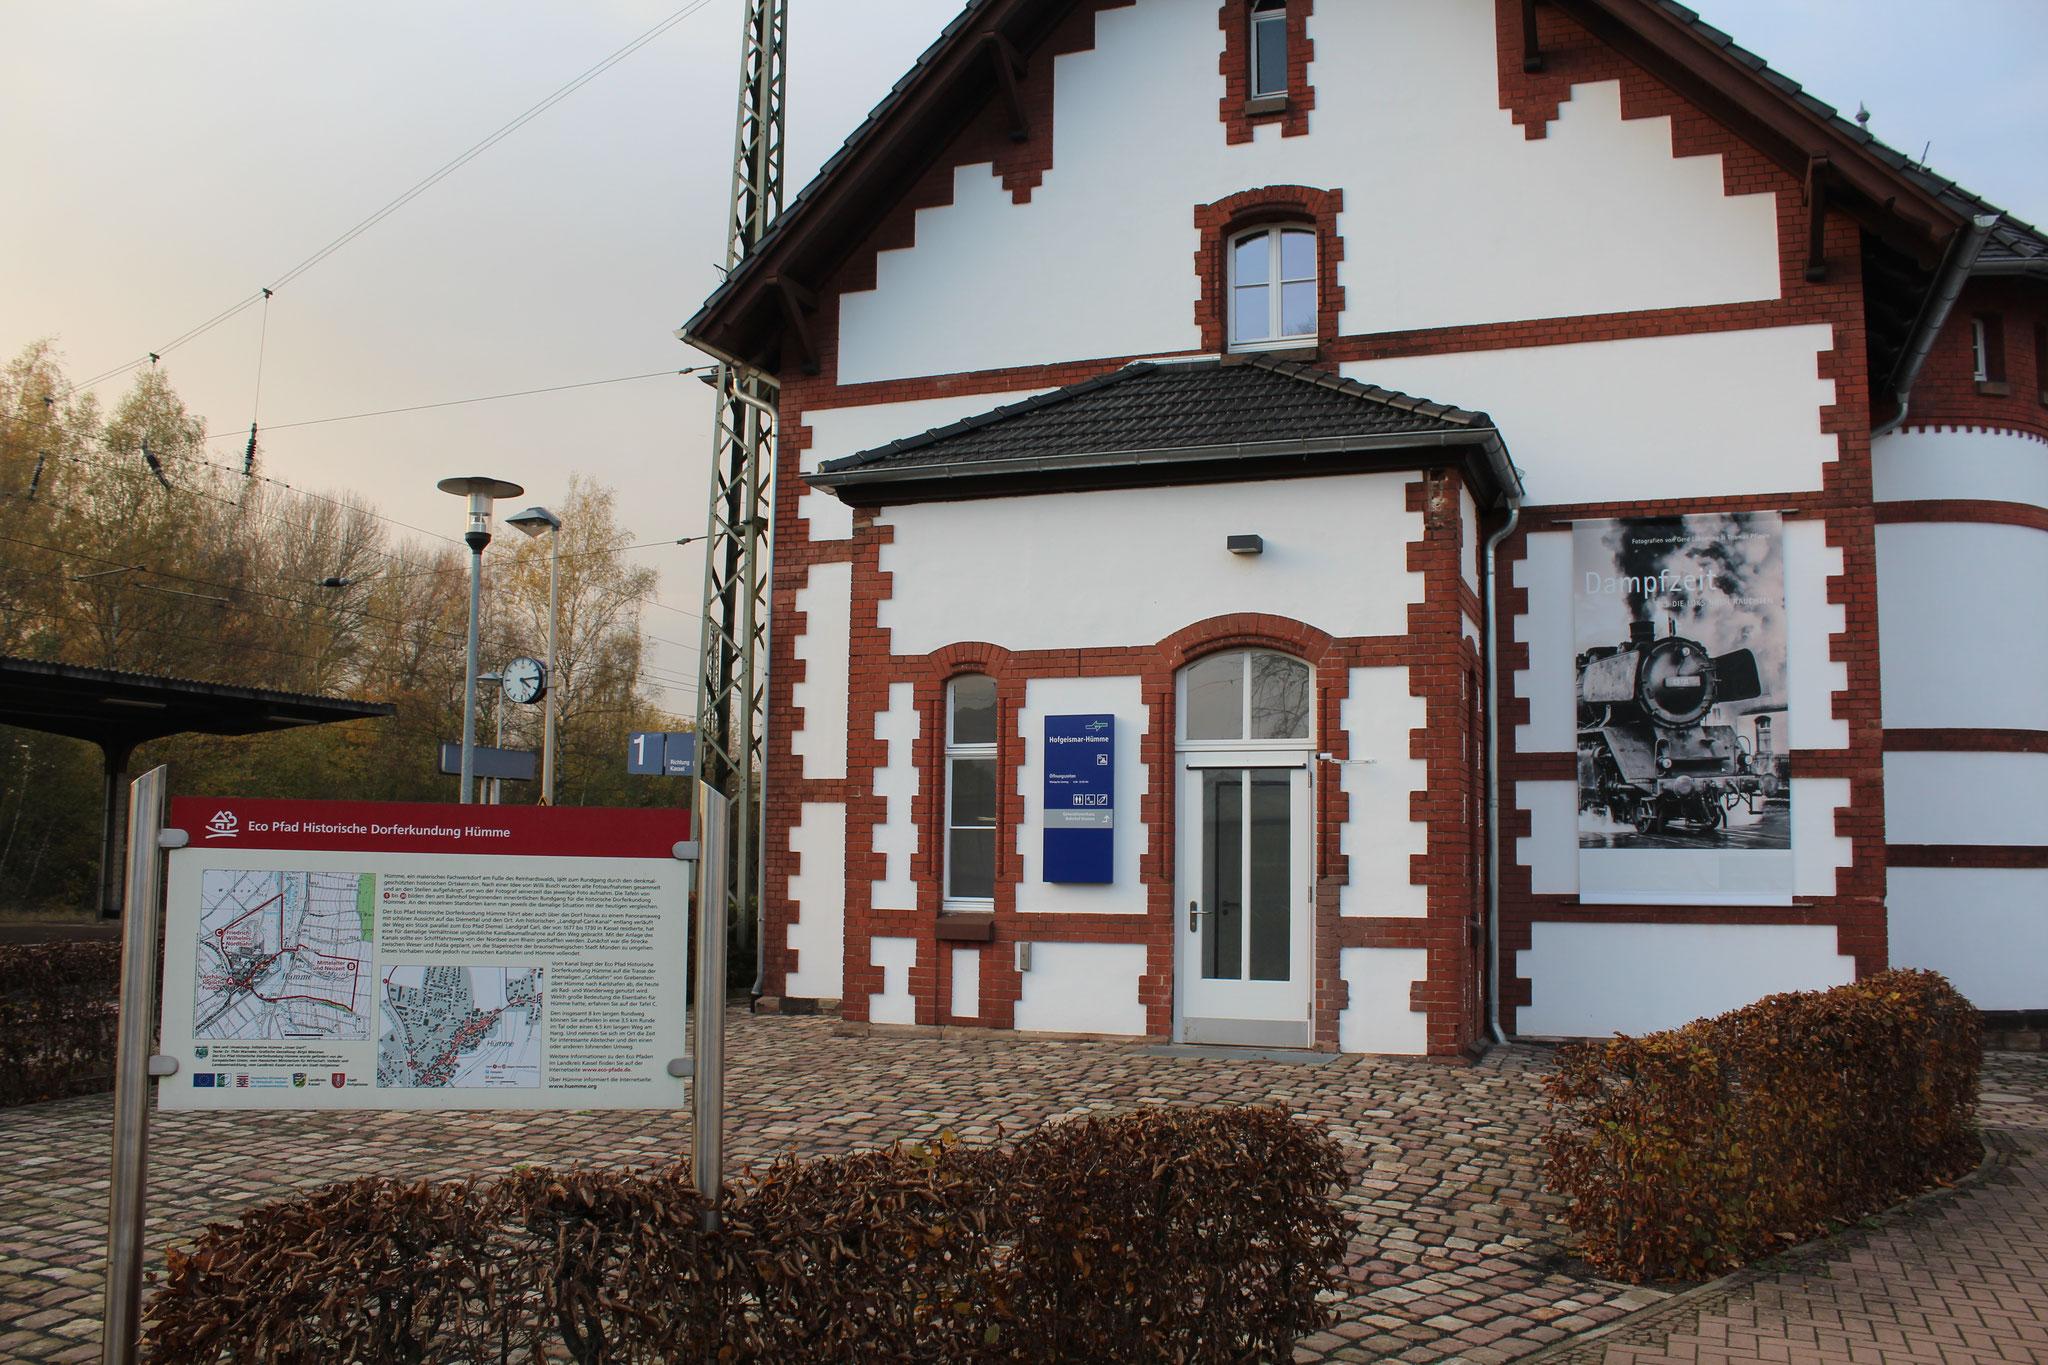 Schon aus der Entfernung ist die besondere Ausstellung zu erkennen.